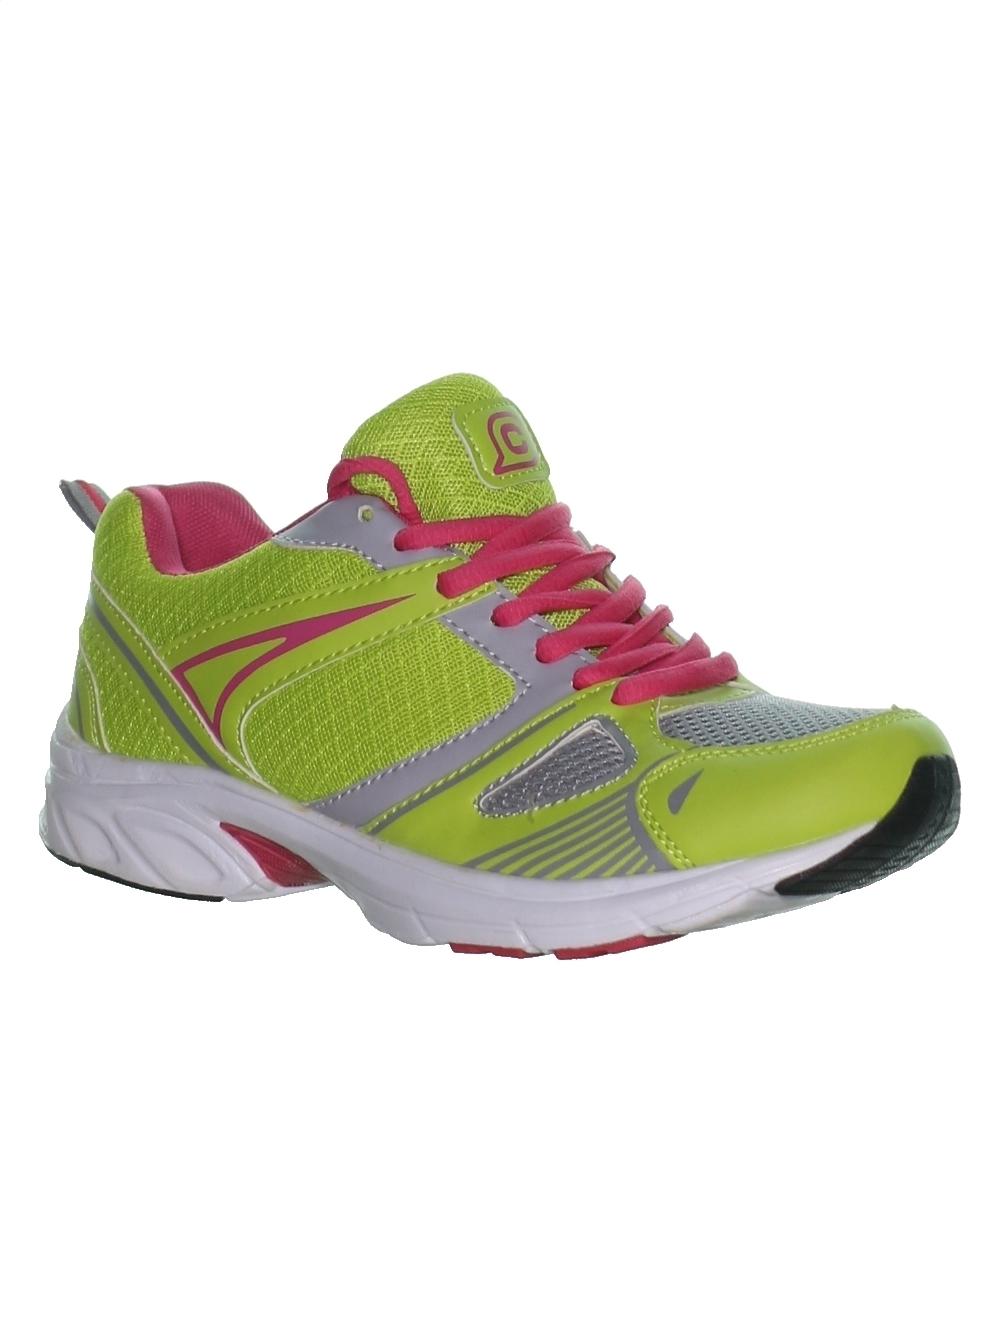 d3487ee091fc9 Chaussures de sport Fille AUCHAN 39 pas cher, 2.10 € - #1176576